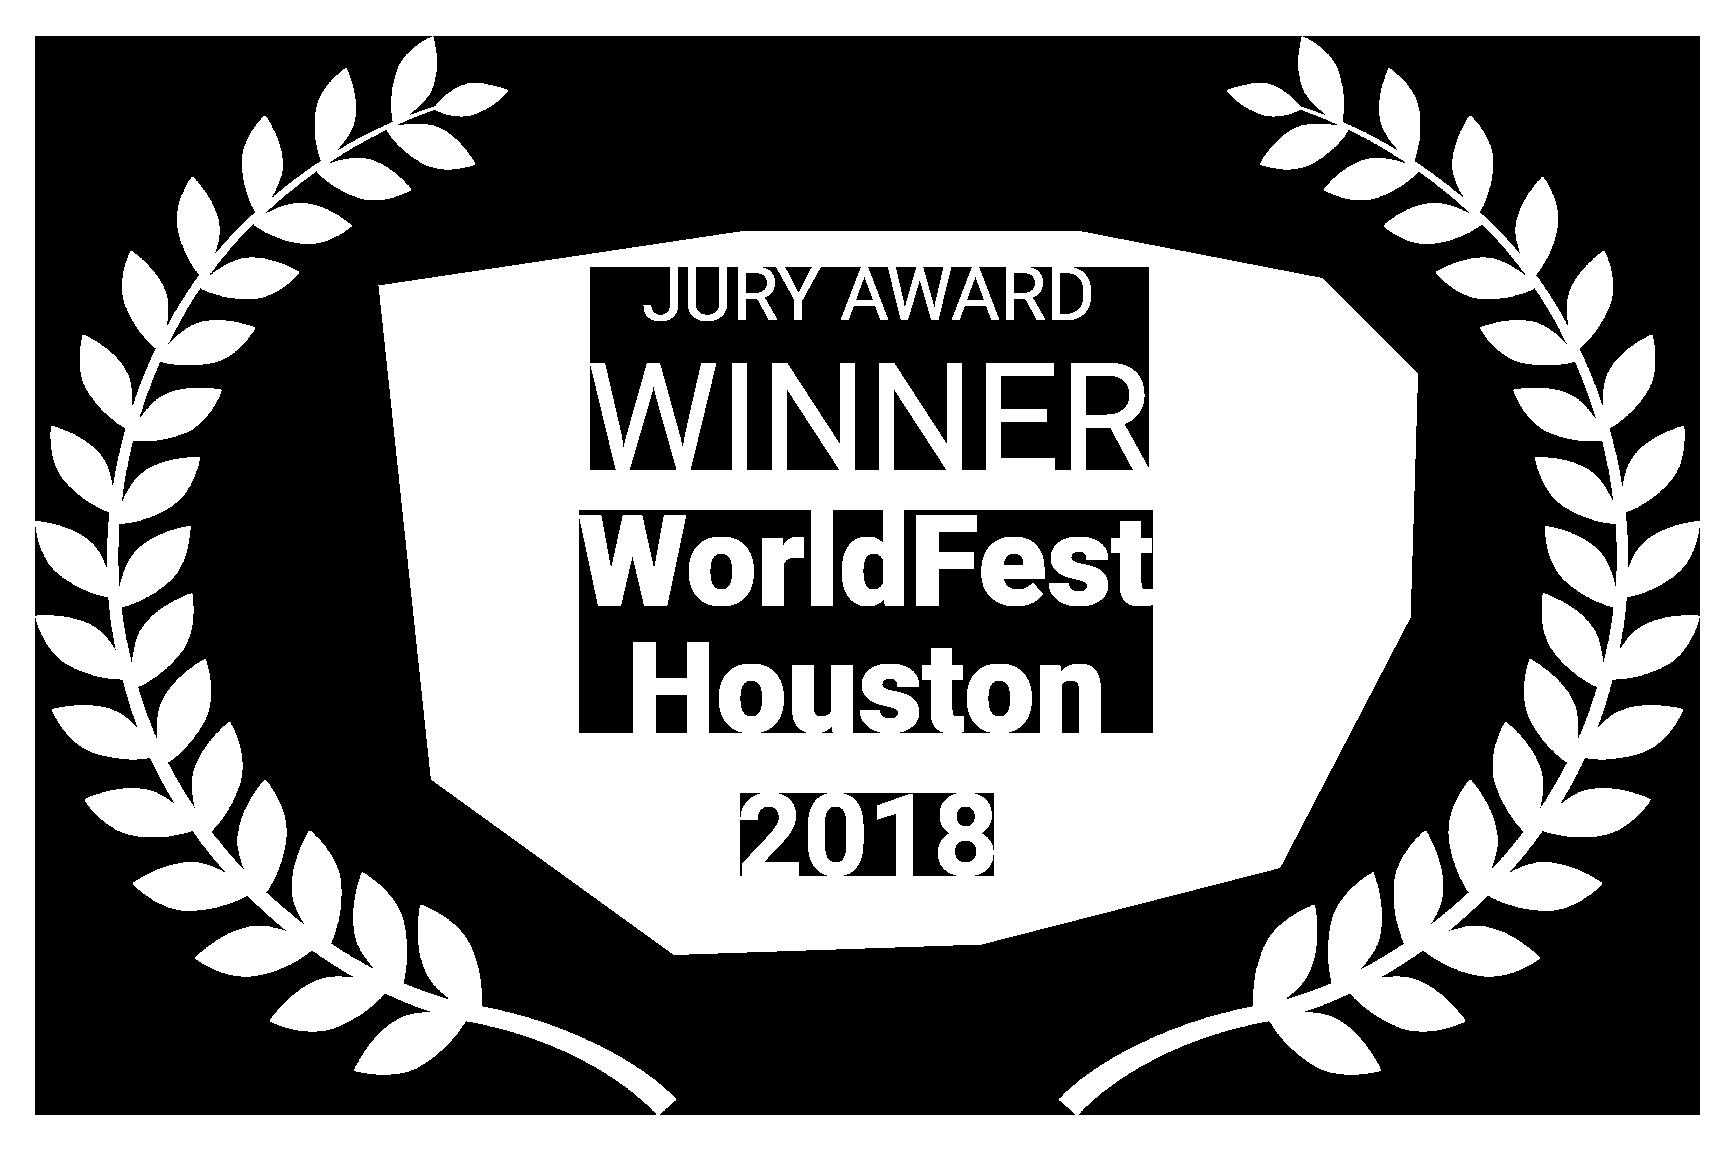 WINNER WorldFest Houston 2018